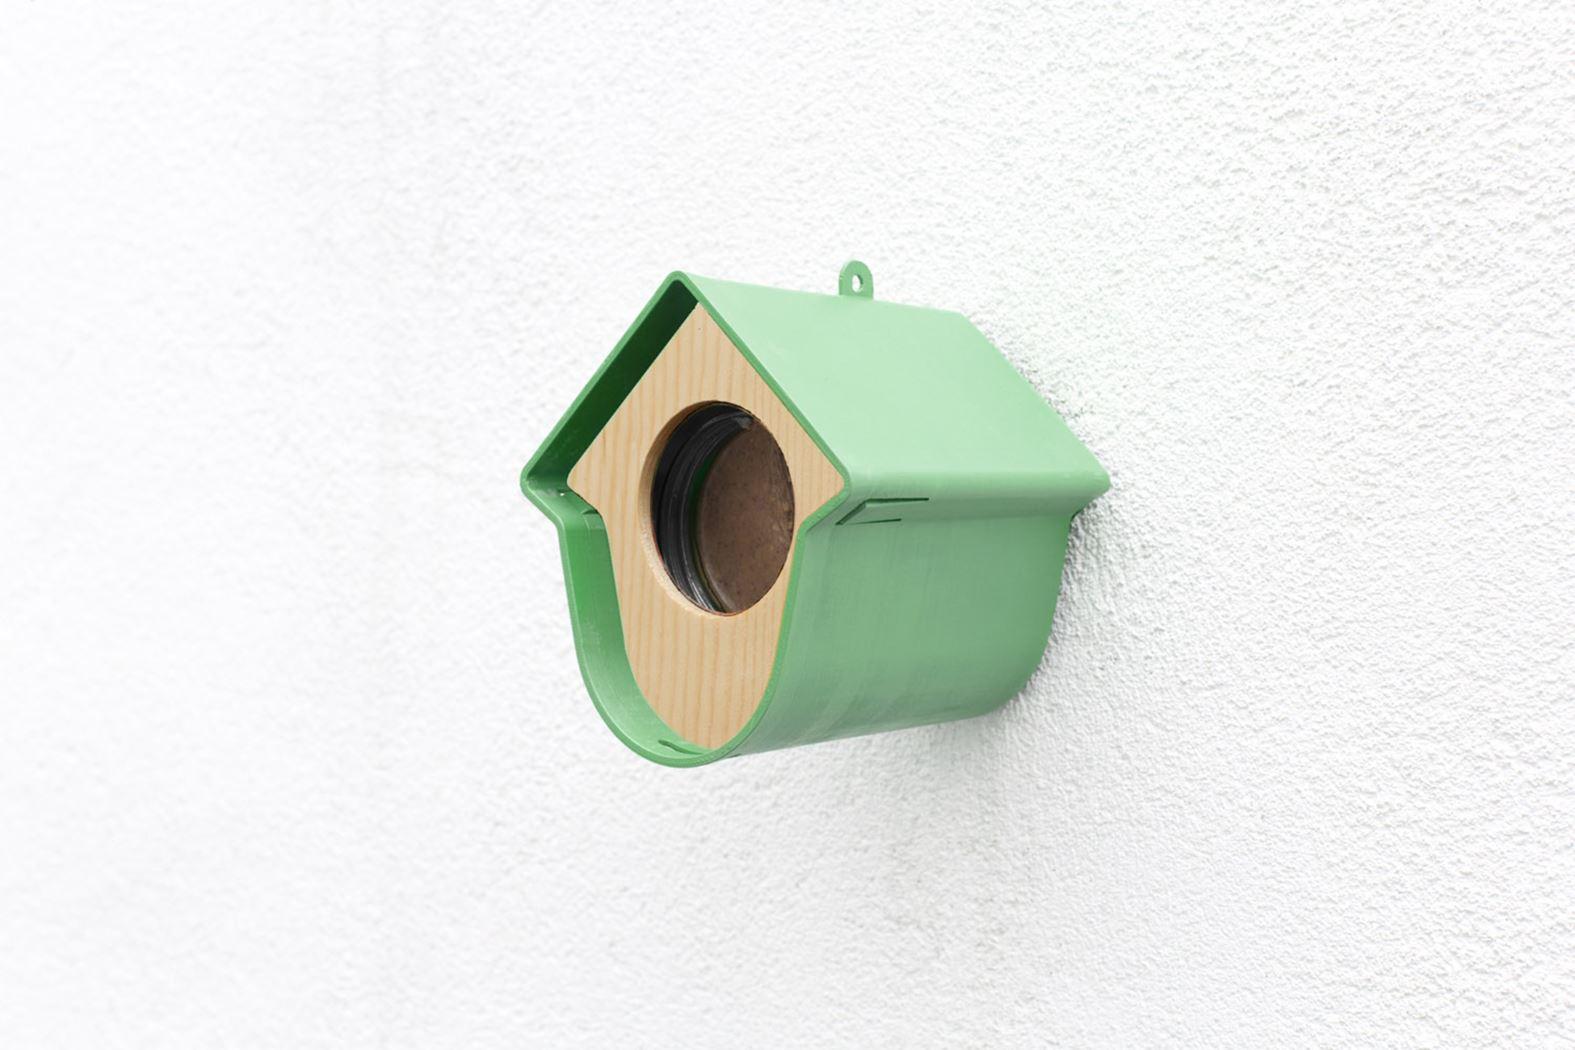 benelux evie pindapothouder+nestkast+huisje groen